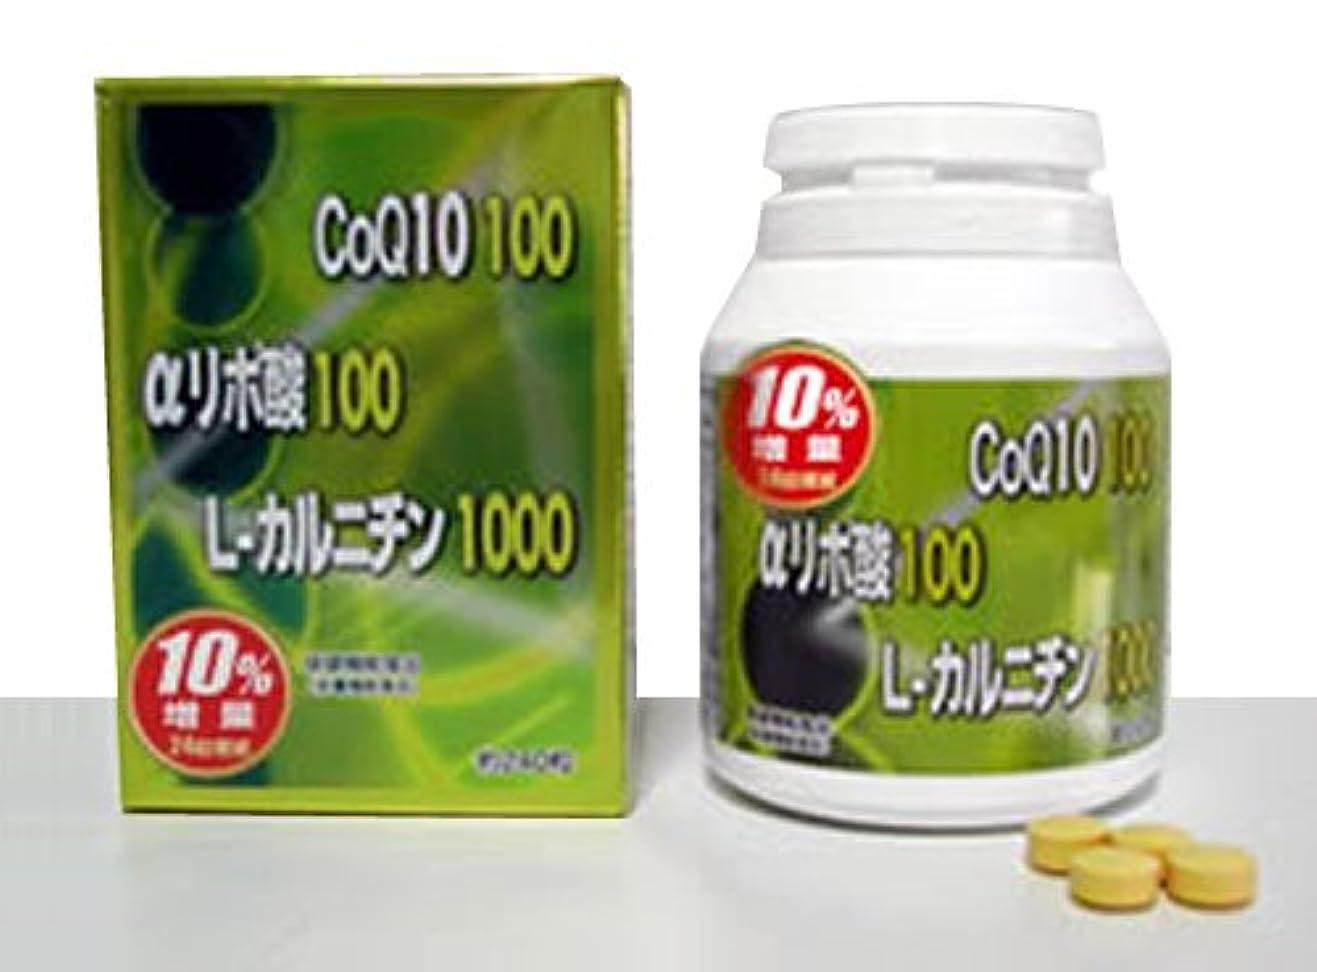 はがきシットコム呼びかける10%増量 CoQ10 100?αリポ酸 100?L-カルニチン 1000